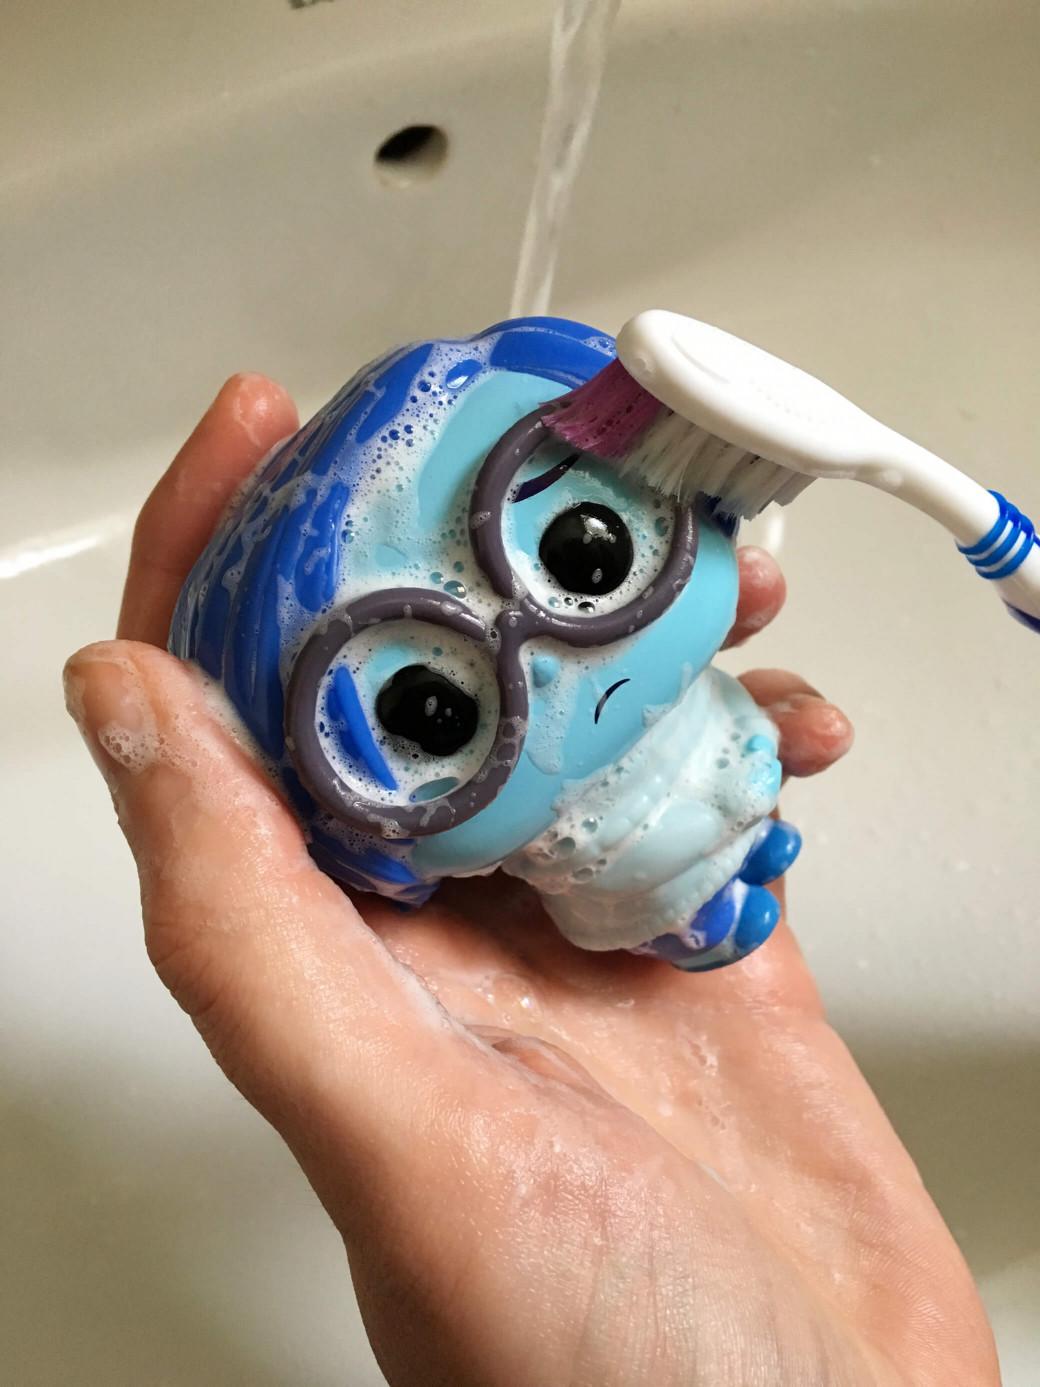 Nettoyage de la figurine avec une brosse à dents